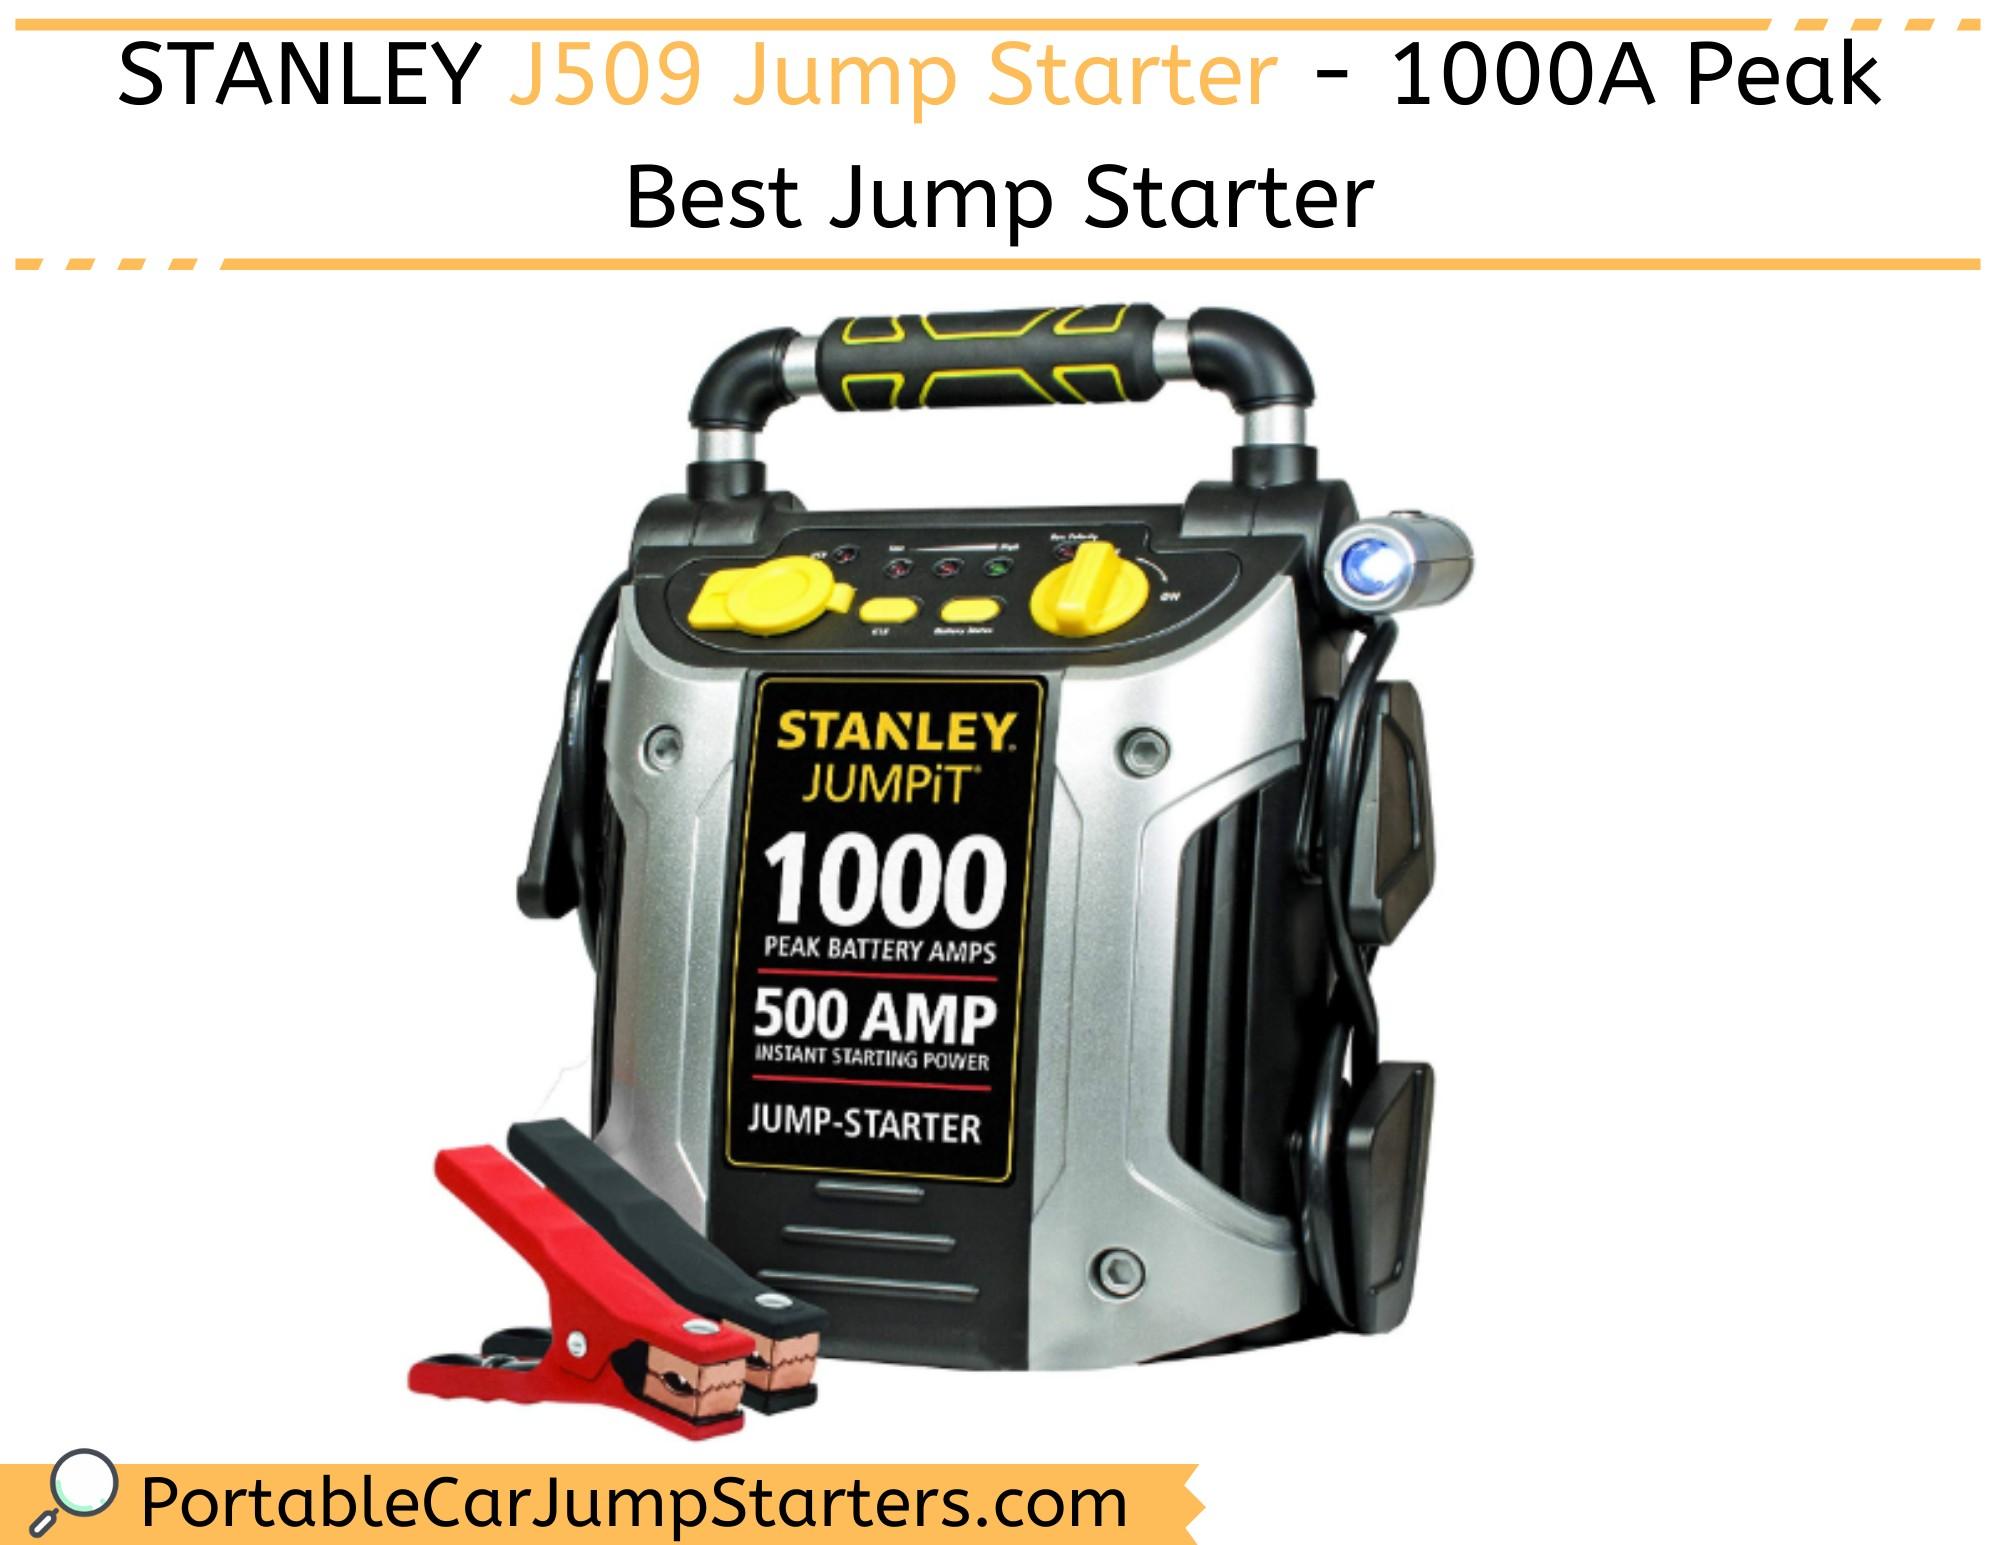 Thumbnail for STANLEY J509 Jump Starter – 1000A Peak